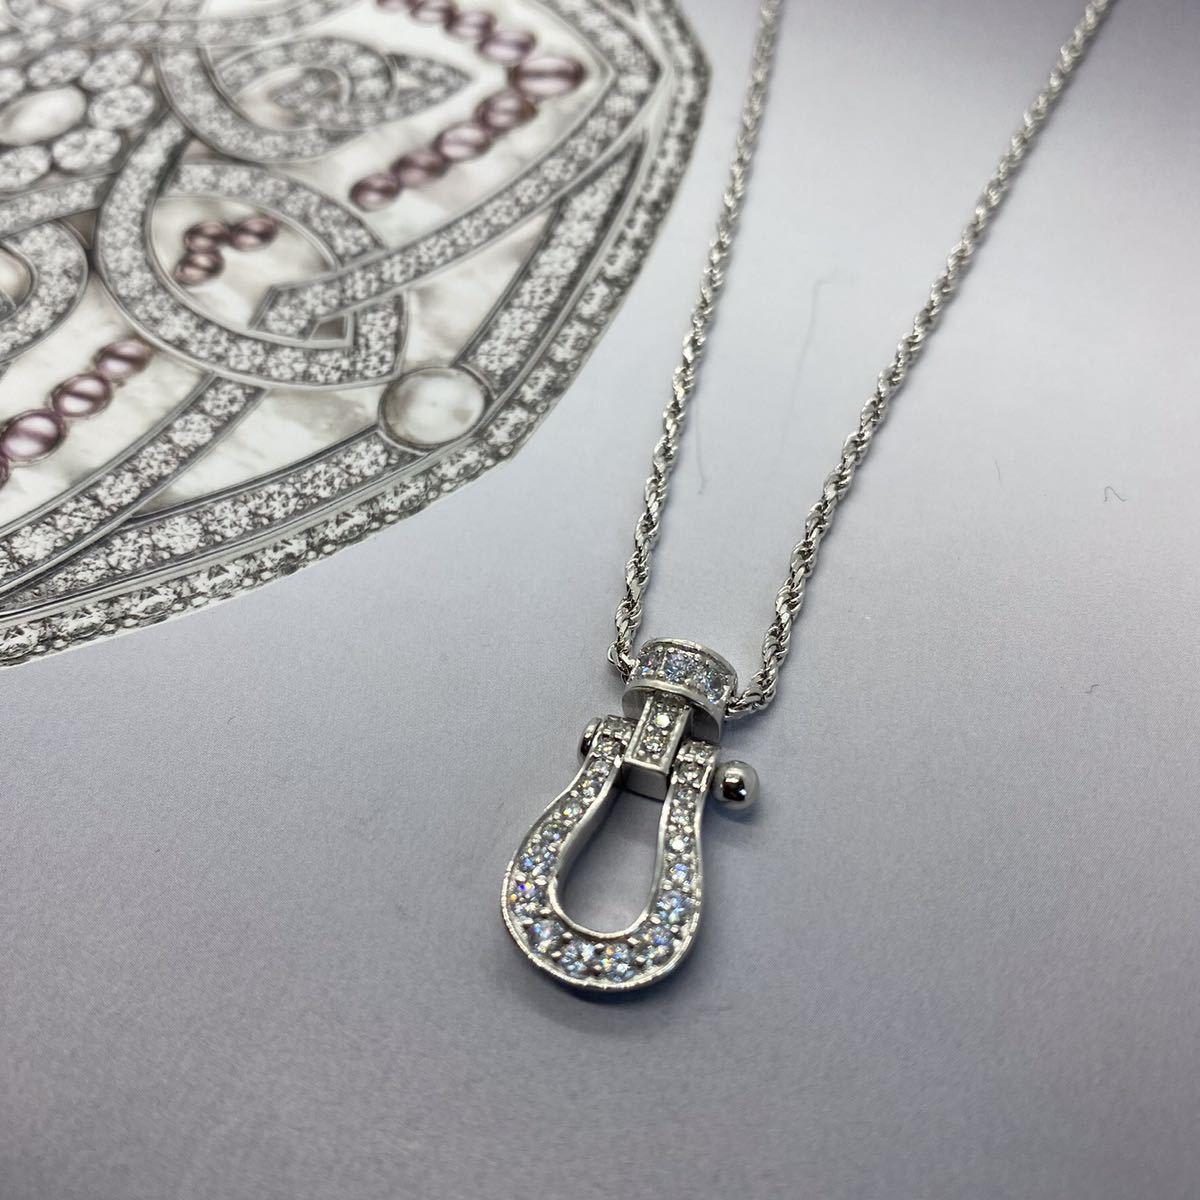 [最高品質] フォース ネックレス 18金 18kgp sv925 シルバー925 馬の蹄 5Acz ダイヤモンド 幸運 フレッドではありません_画像2